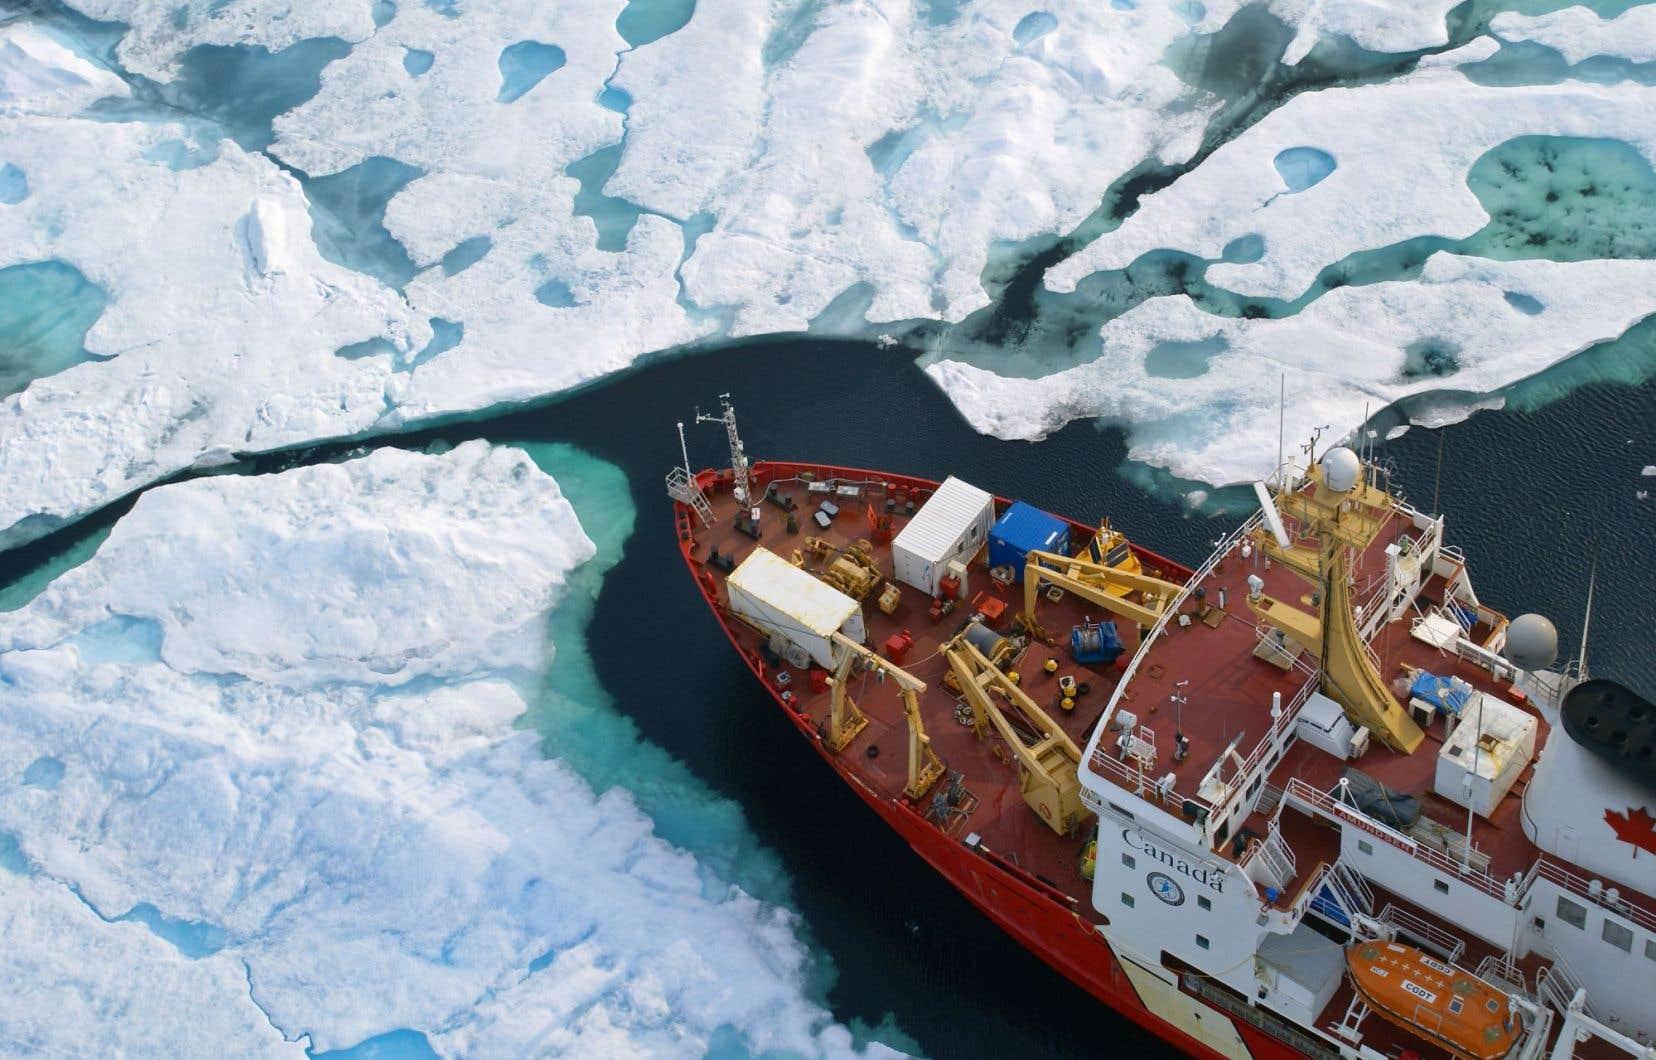 Un projet sur le Nord durable, Sentinelle Nord, permet aux chercheurs de nombreuses disciplines de collaborer. Il réunit les travaux de l'Institut nordique du Québec, qui regroupe l'Université Laval, l'Université McGill et l'INRS, ainsi que les travaux du réseau ArcticNet et du navire de recherche Amundsen.